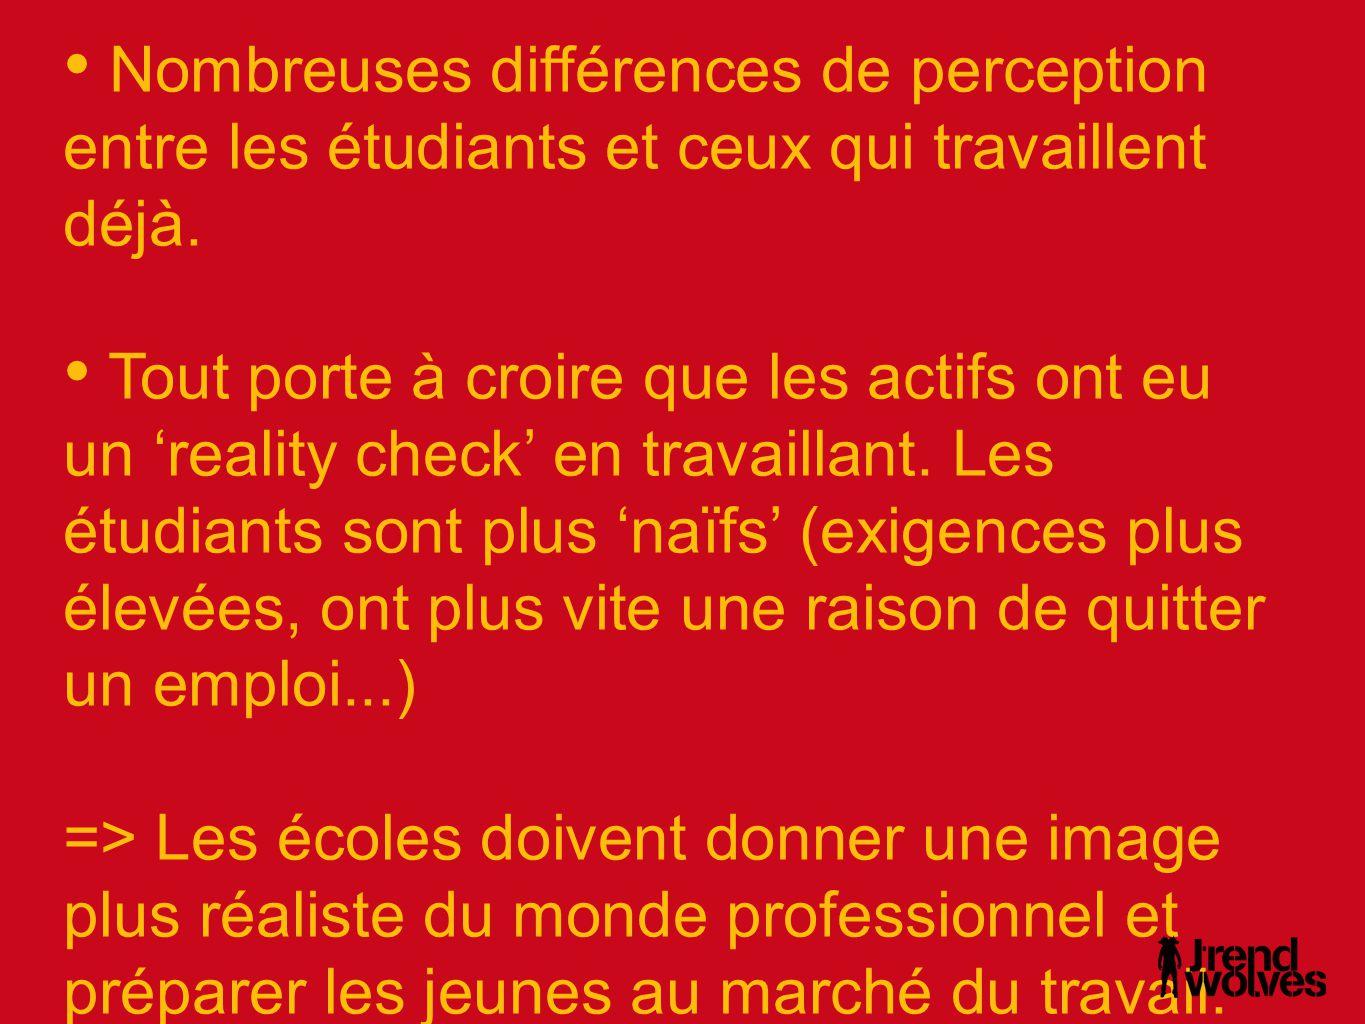 Nombreuses différences de perception entre les étudiants et ceux qui travaillent déjà.